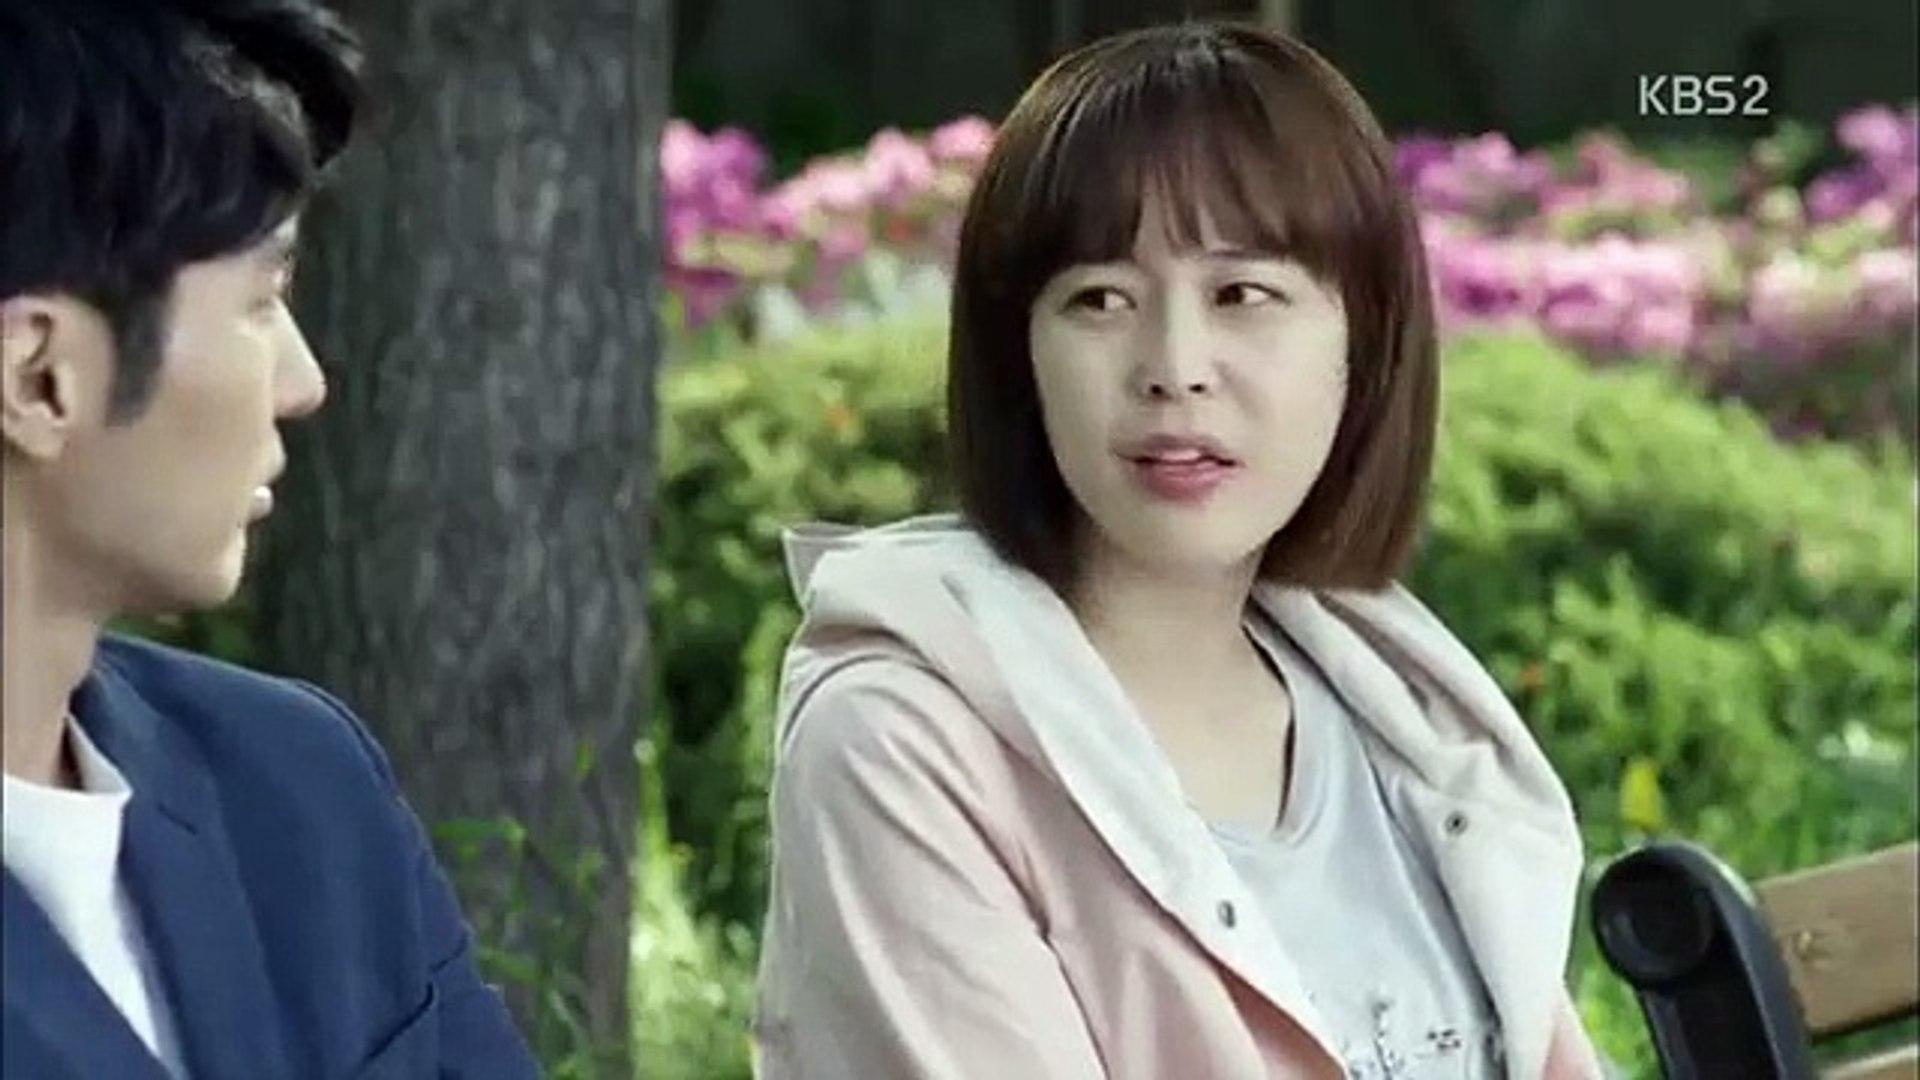 Nhà Không Cần Đàn Ông Tập 33 - HTV2 Lồng Tiếng - Phim Hàn Quốc - Phim nha khong can dan ong tap 34 -